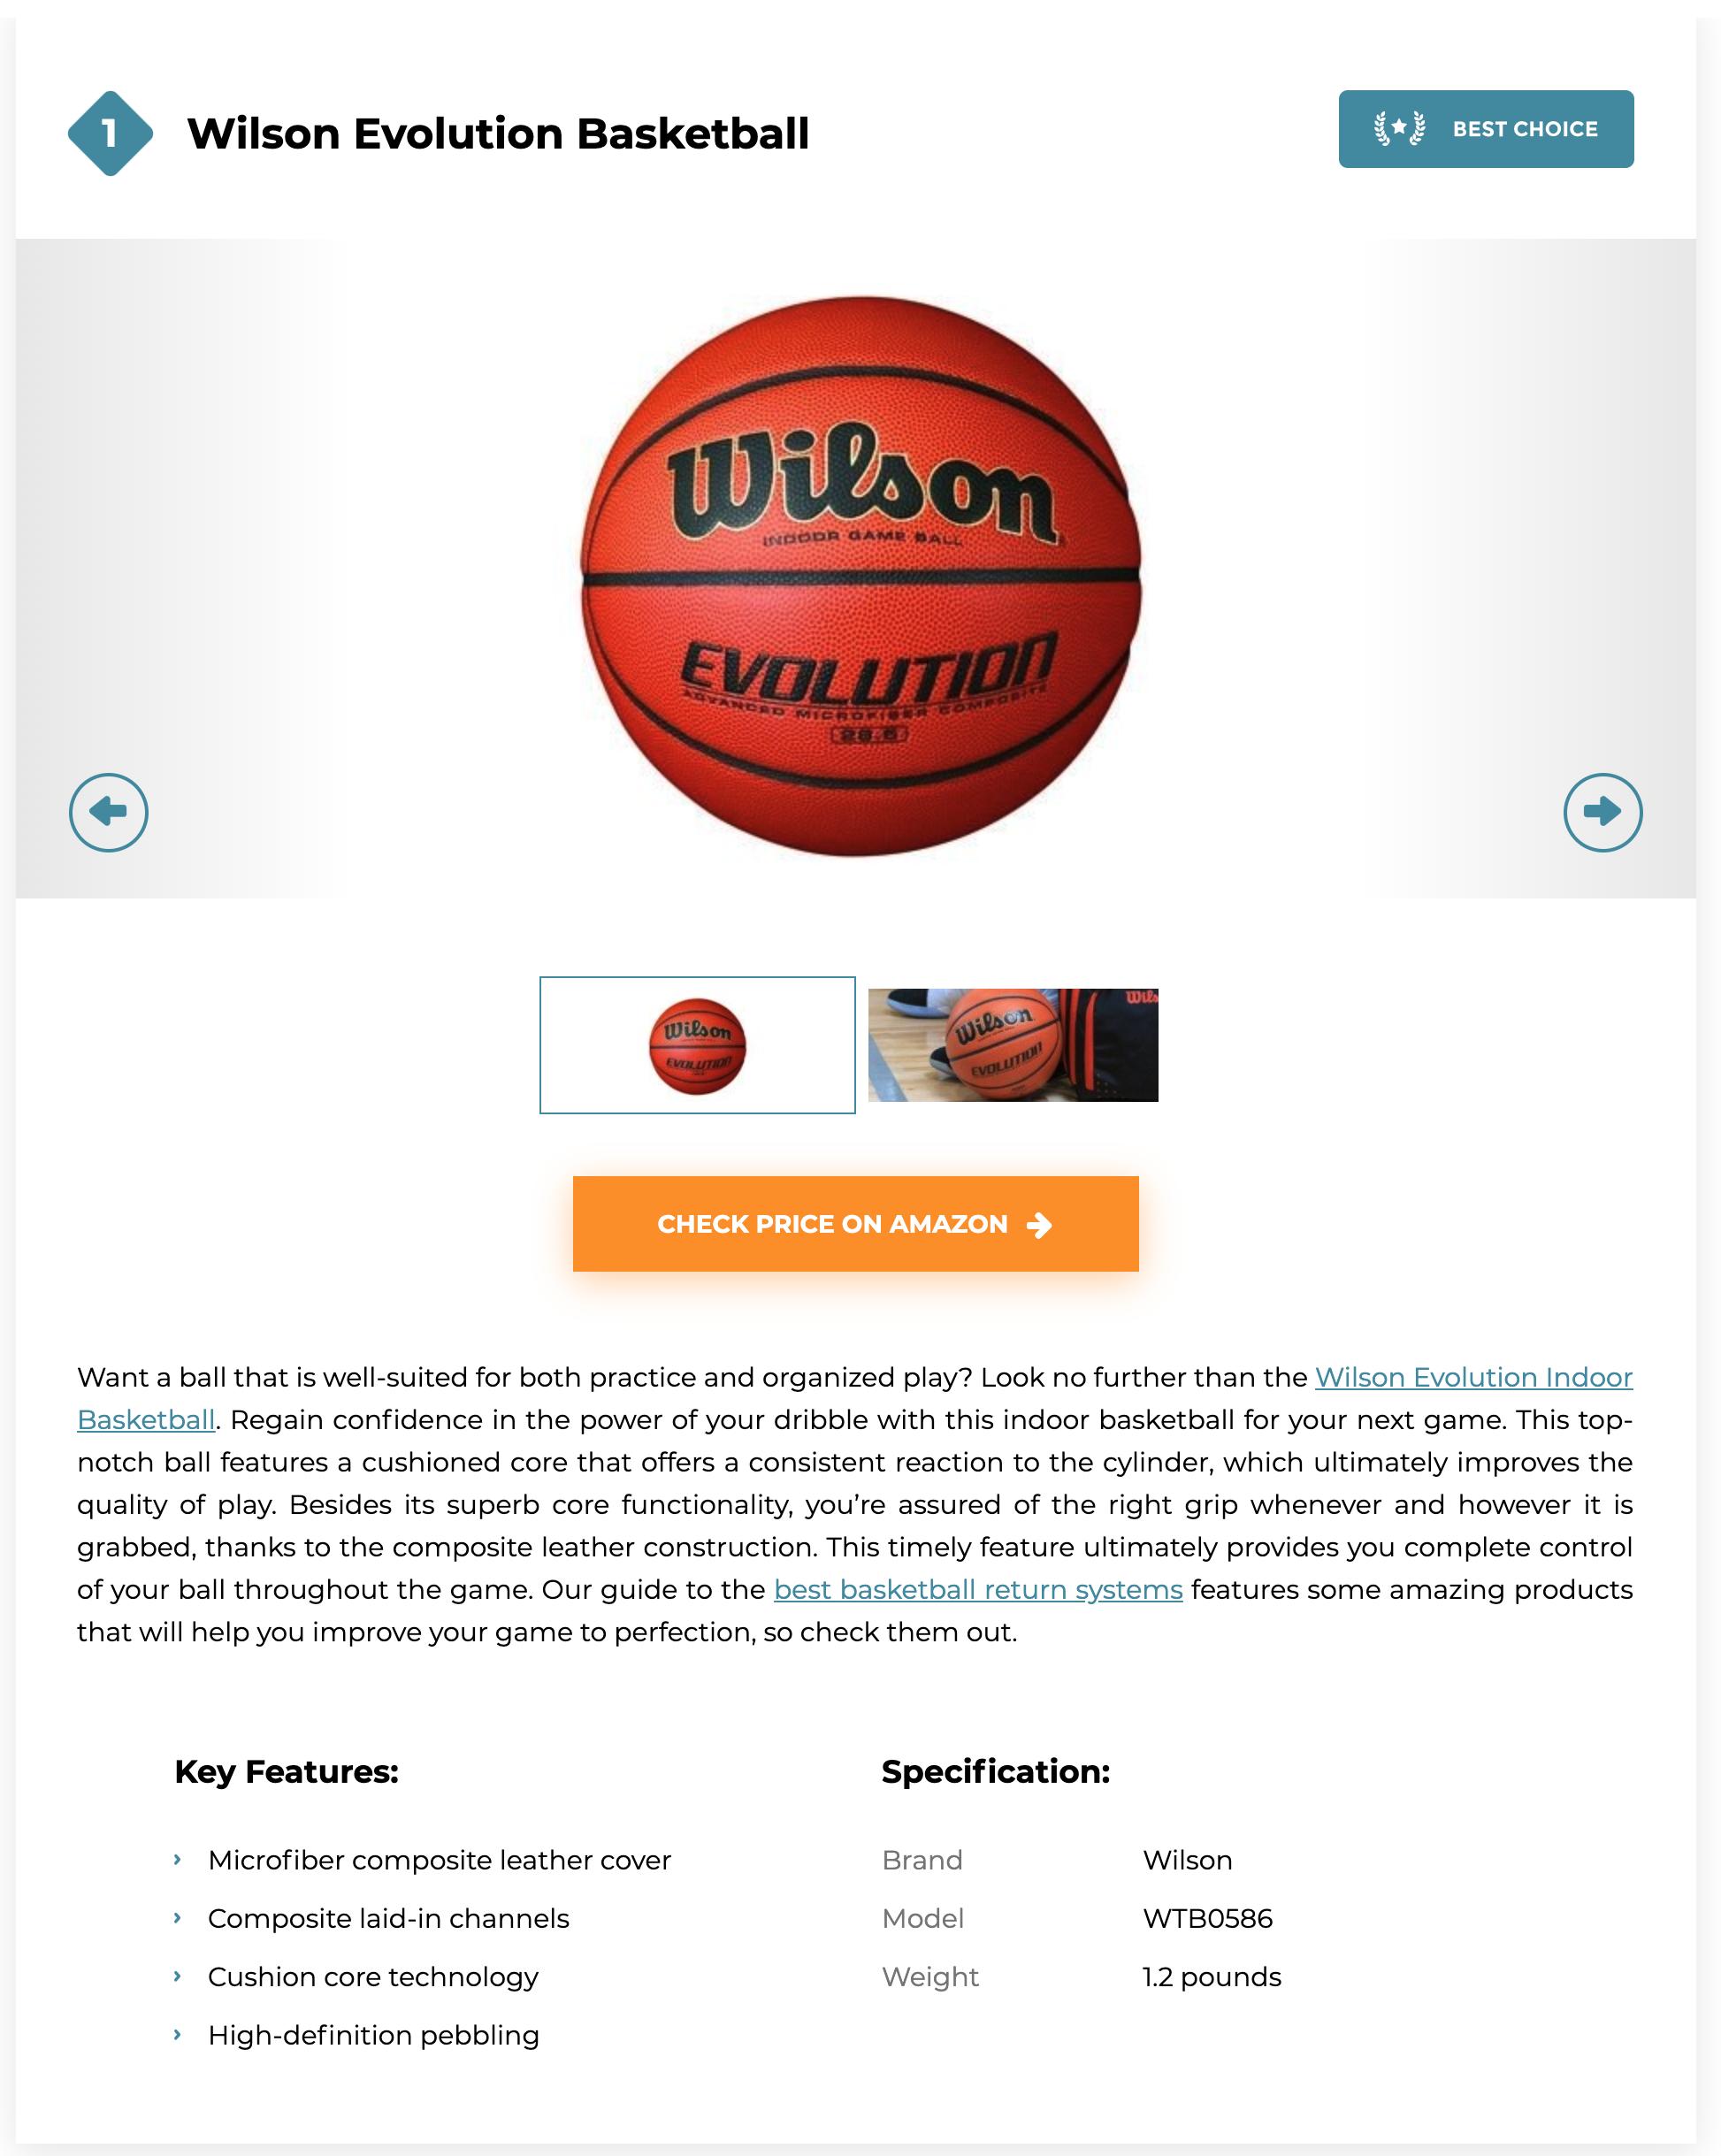 Wilson Evolution basketball review screenshot